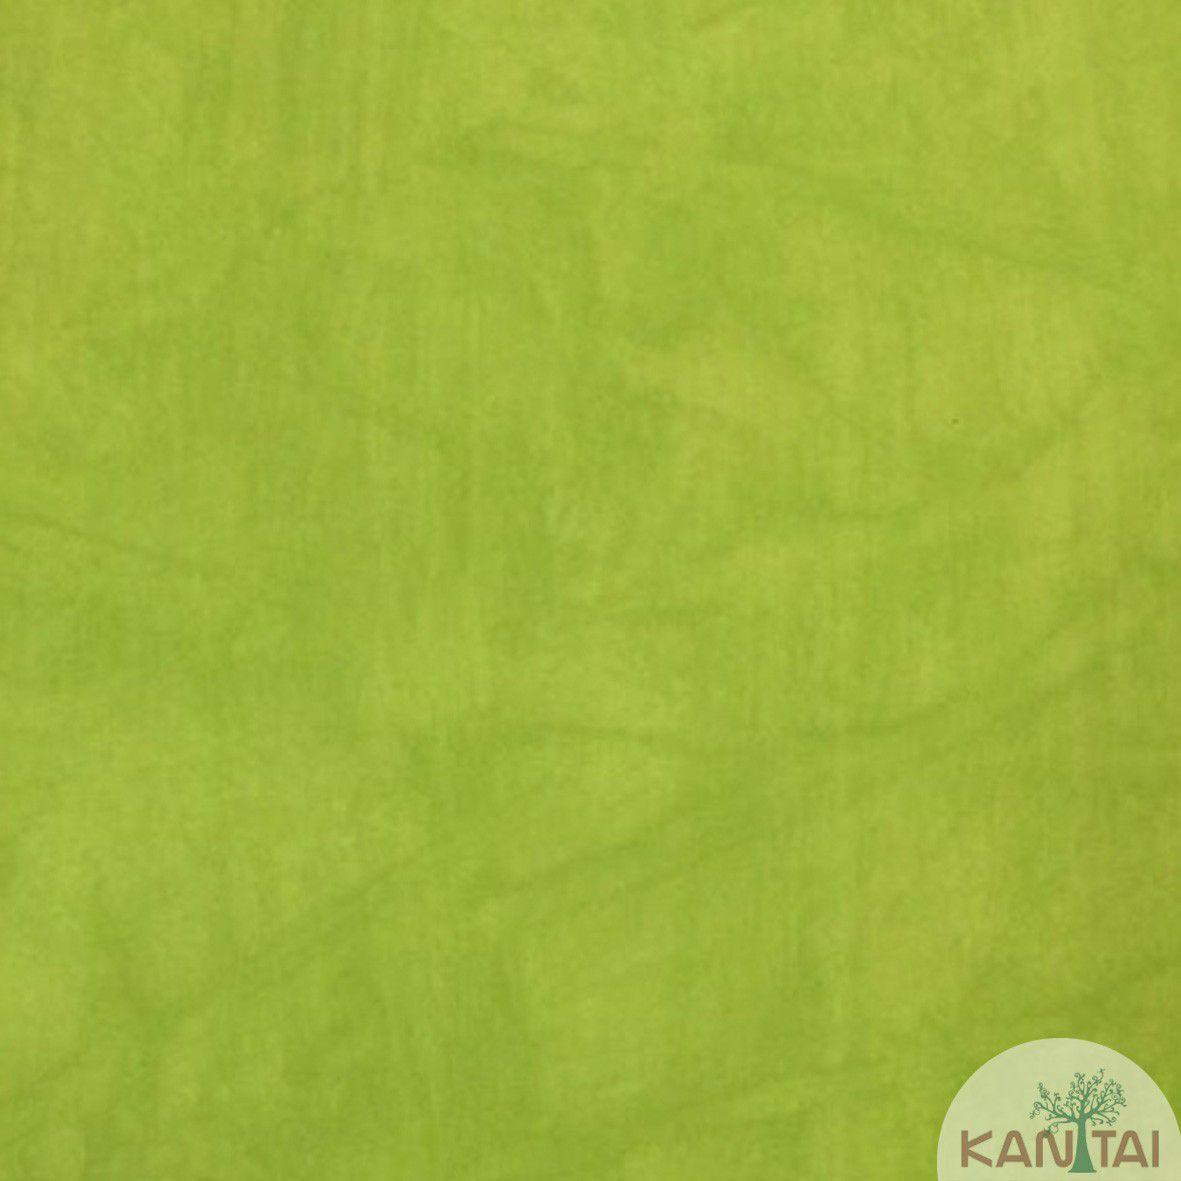 Papel de Parede  Kan Tai Vinilico Coleção Style Textura Cimento Queimado Verde